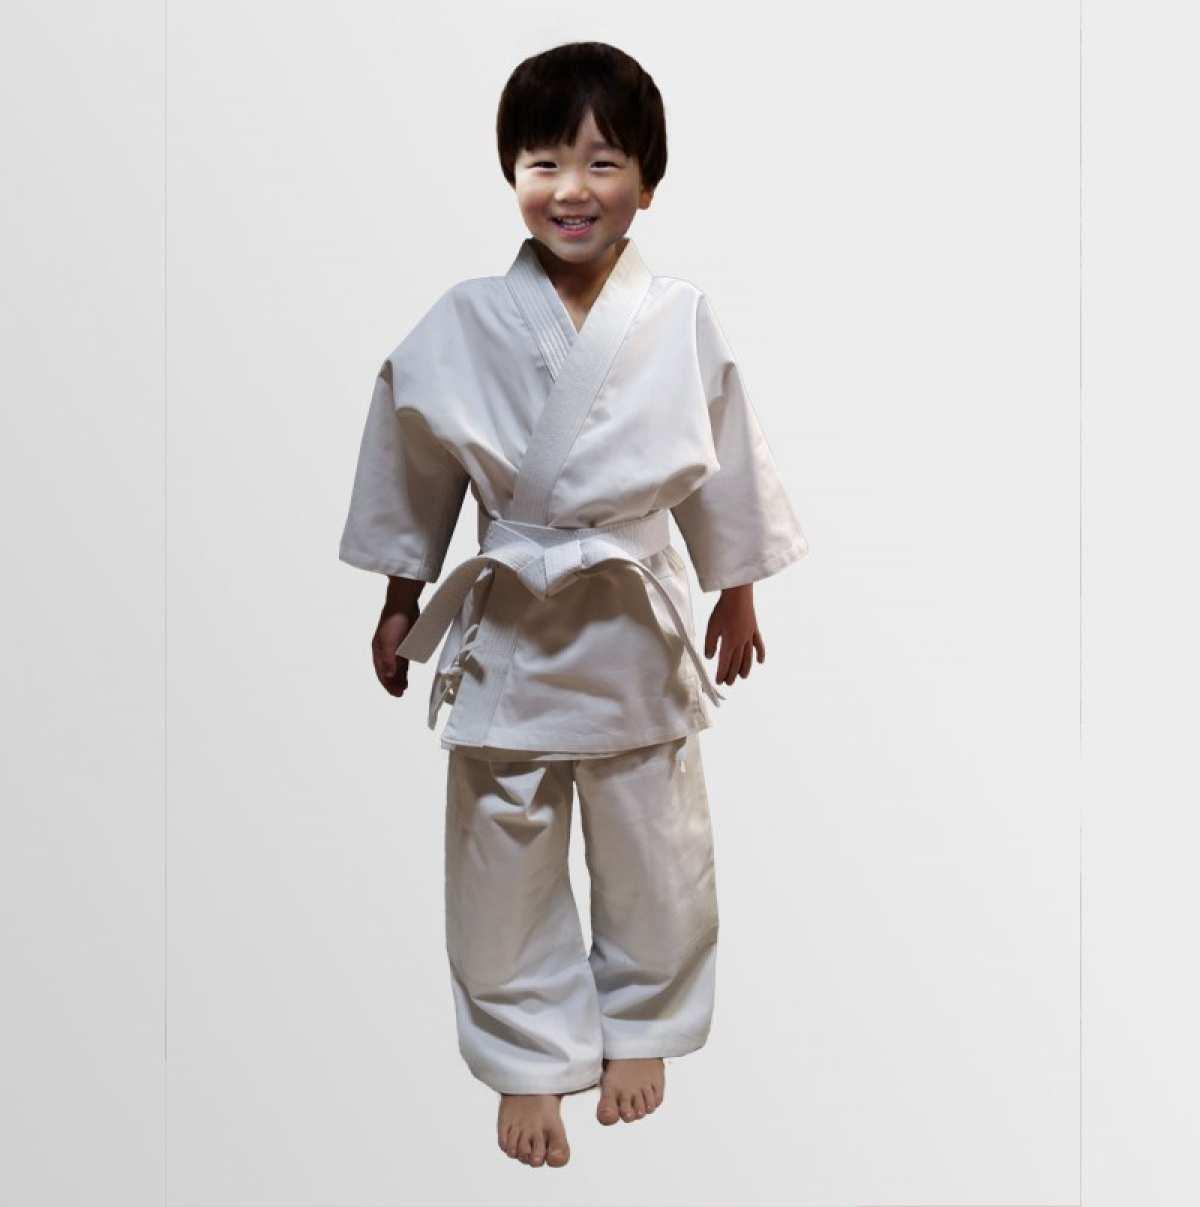 картинка кимоно айкидо Абудомаркет